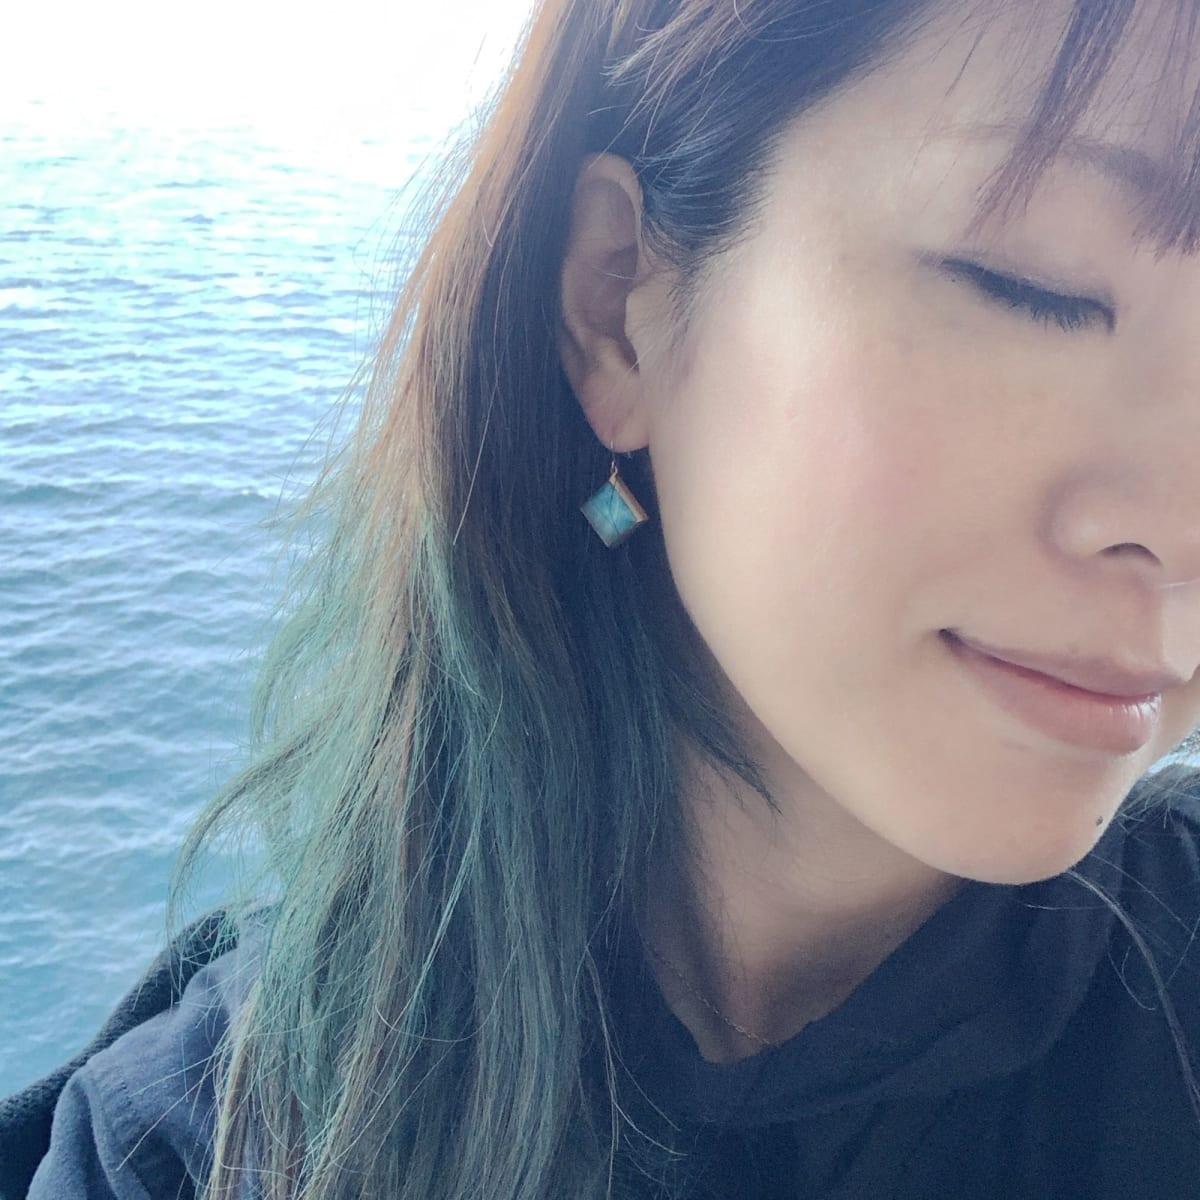 海が本当に綺麗。 ただそこにあるだけでいい。と言われているようで心地がいい。   客船コスタ・ネオロマンチカの乗客